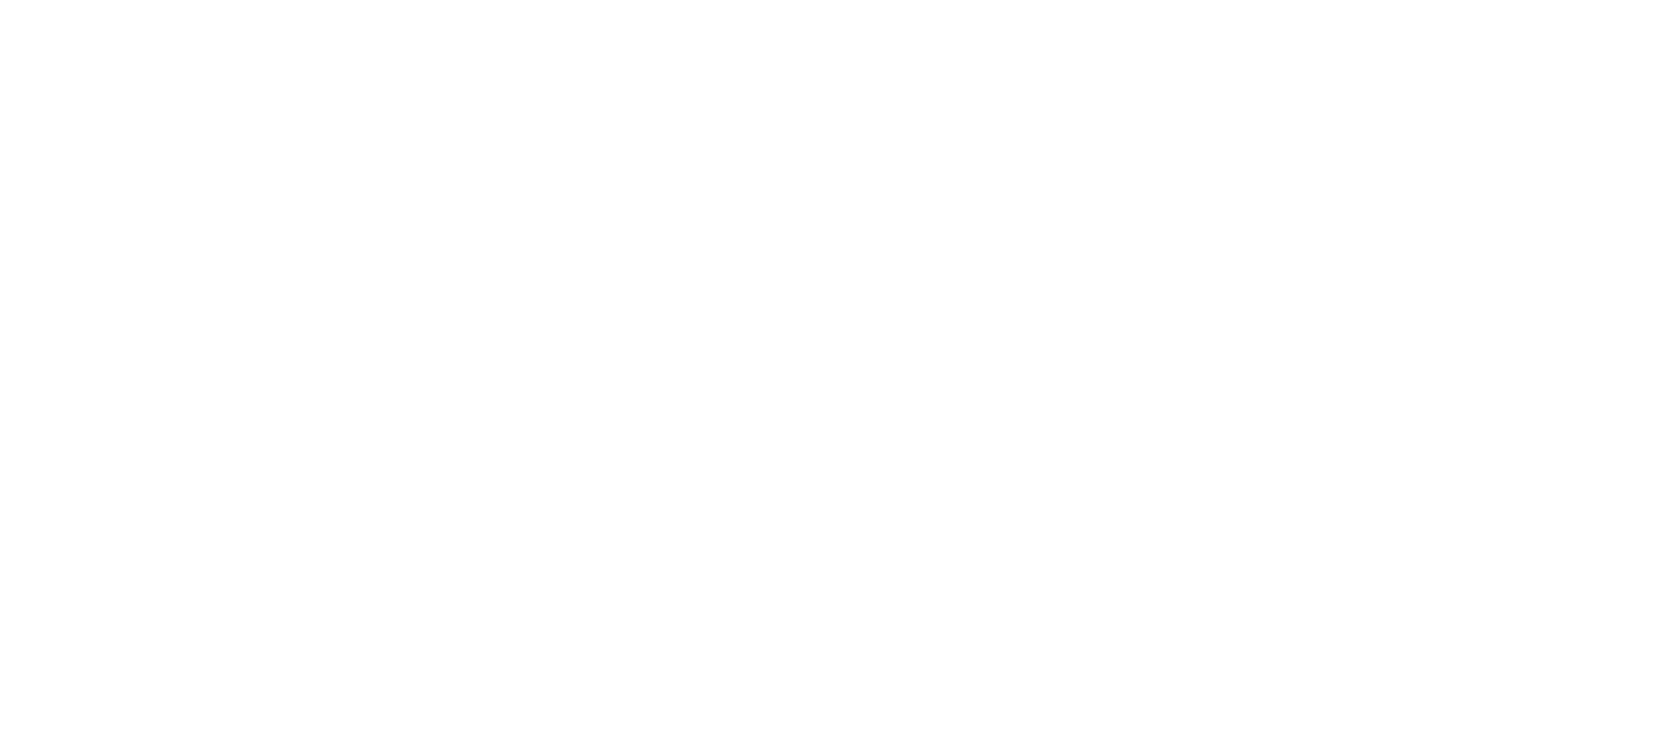 Взять в прокат Освещение  Подсвечники и канделябры Канделябр «Луи»; Нижний Новгород ,  ул.; Описание: Настольный Форма: Цилиндр Диаметр: 25 см Высота: 25 см